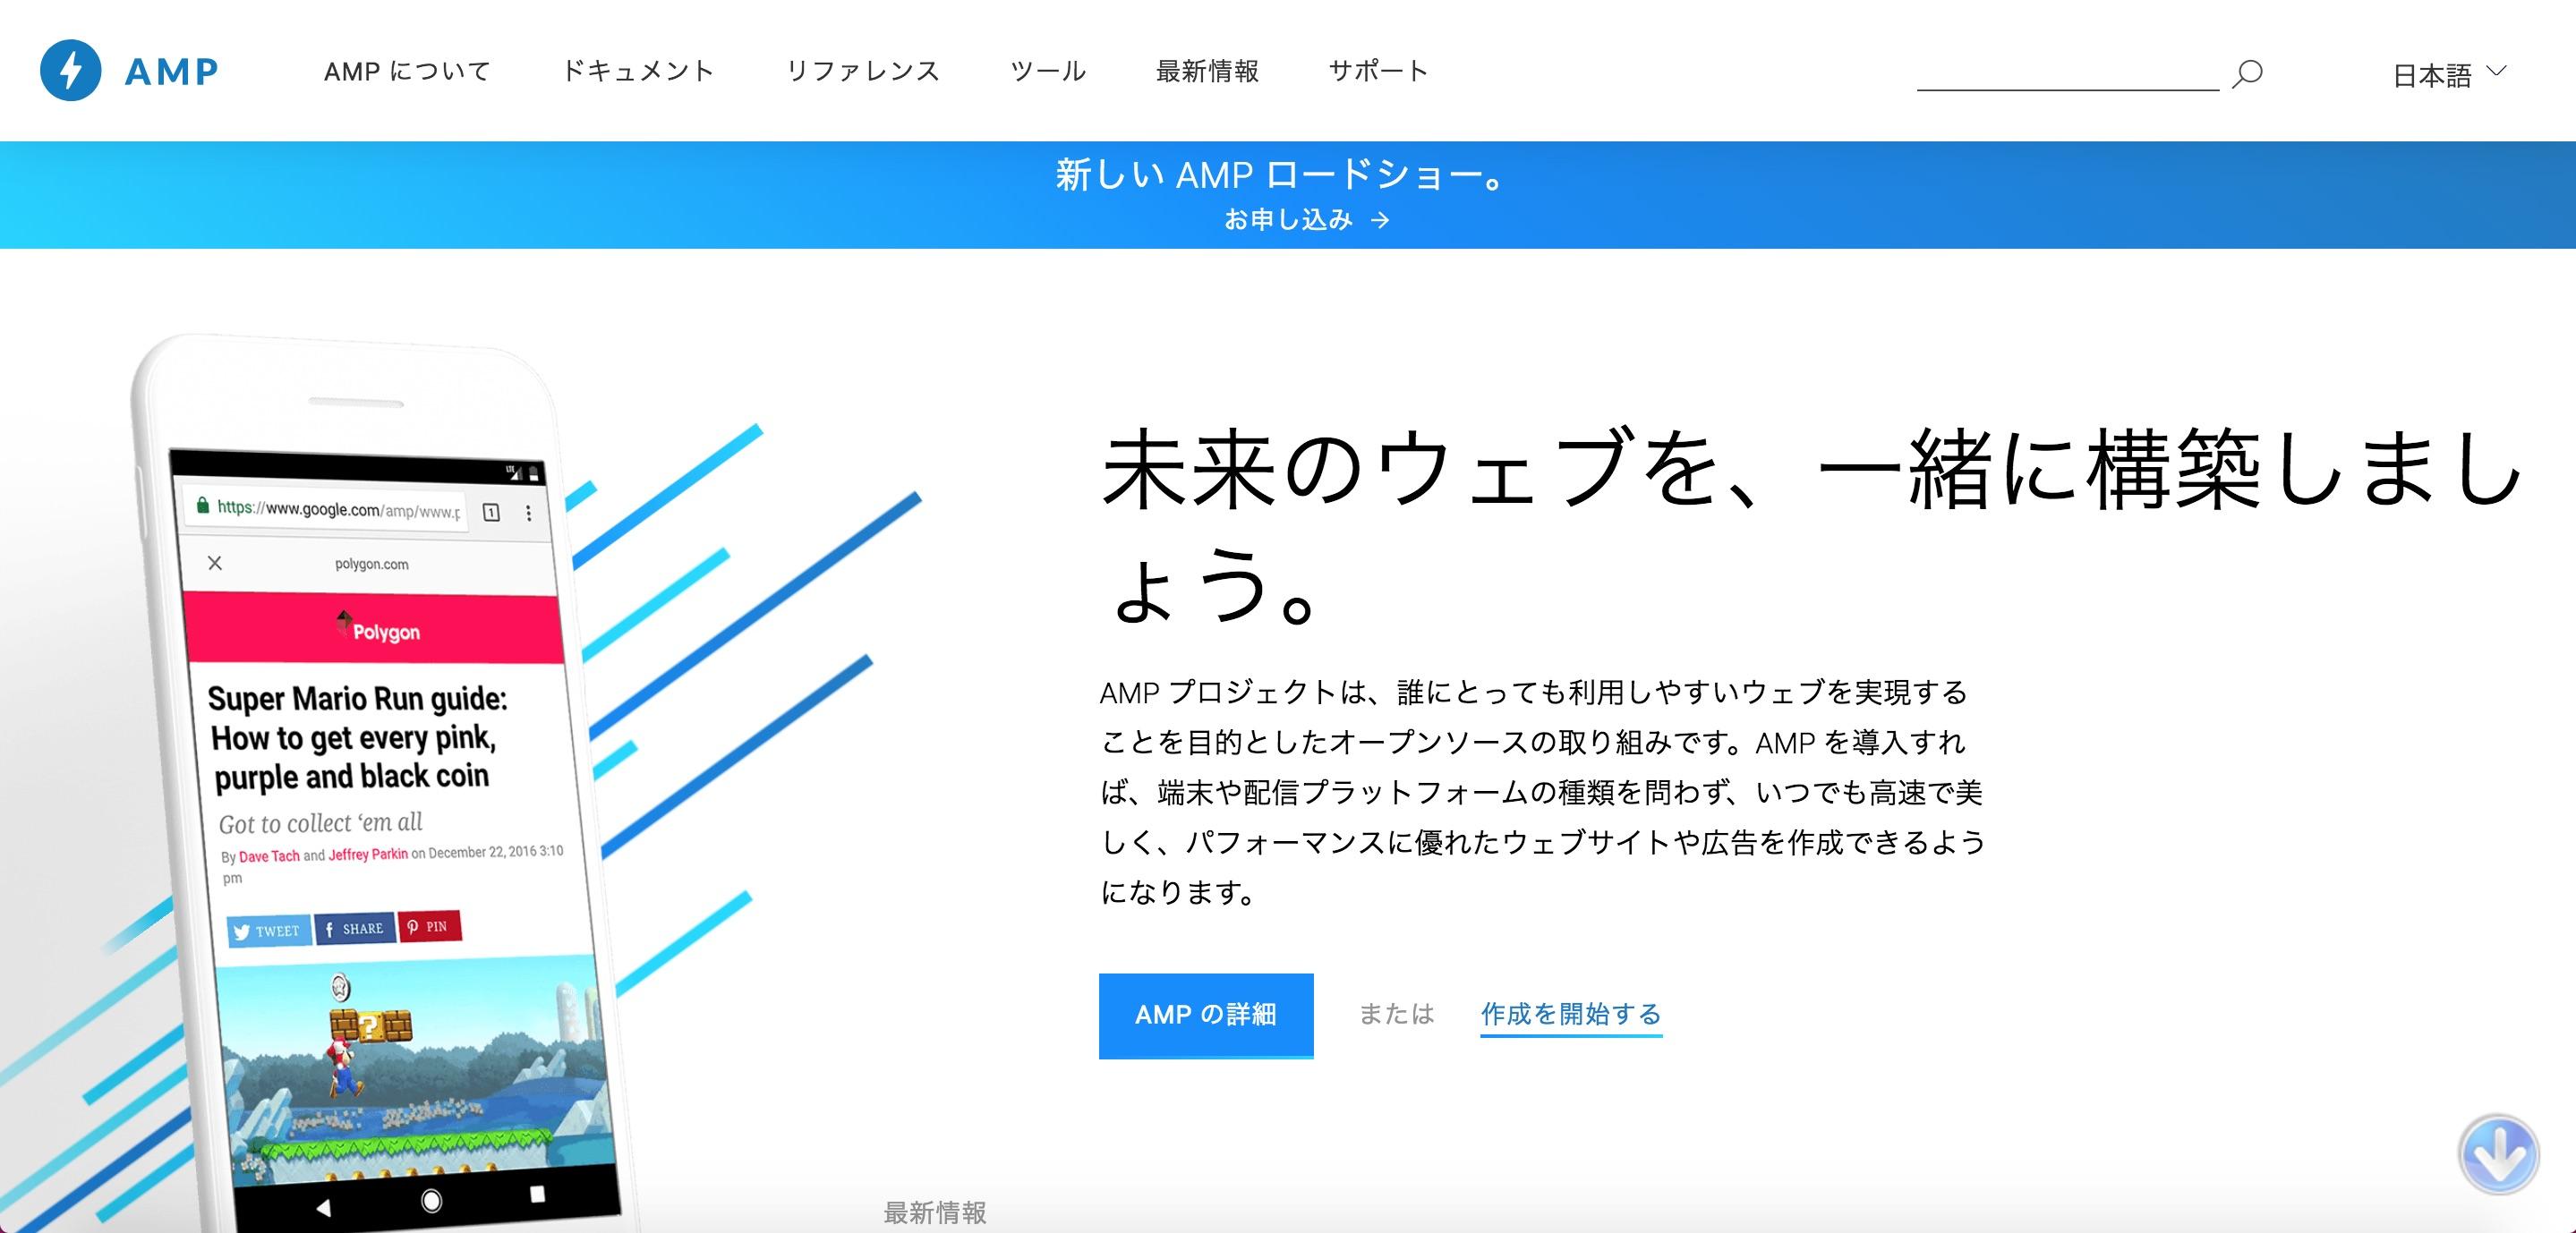 AMPオフィシャルページ